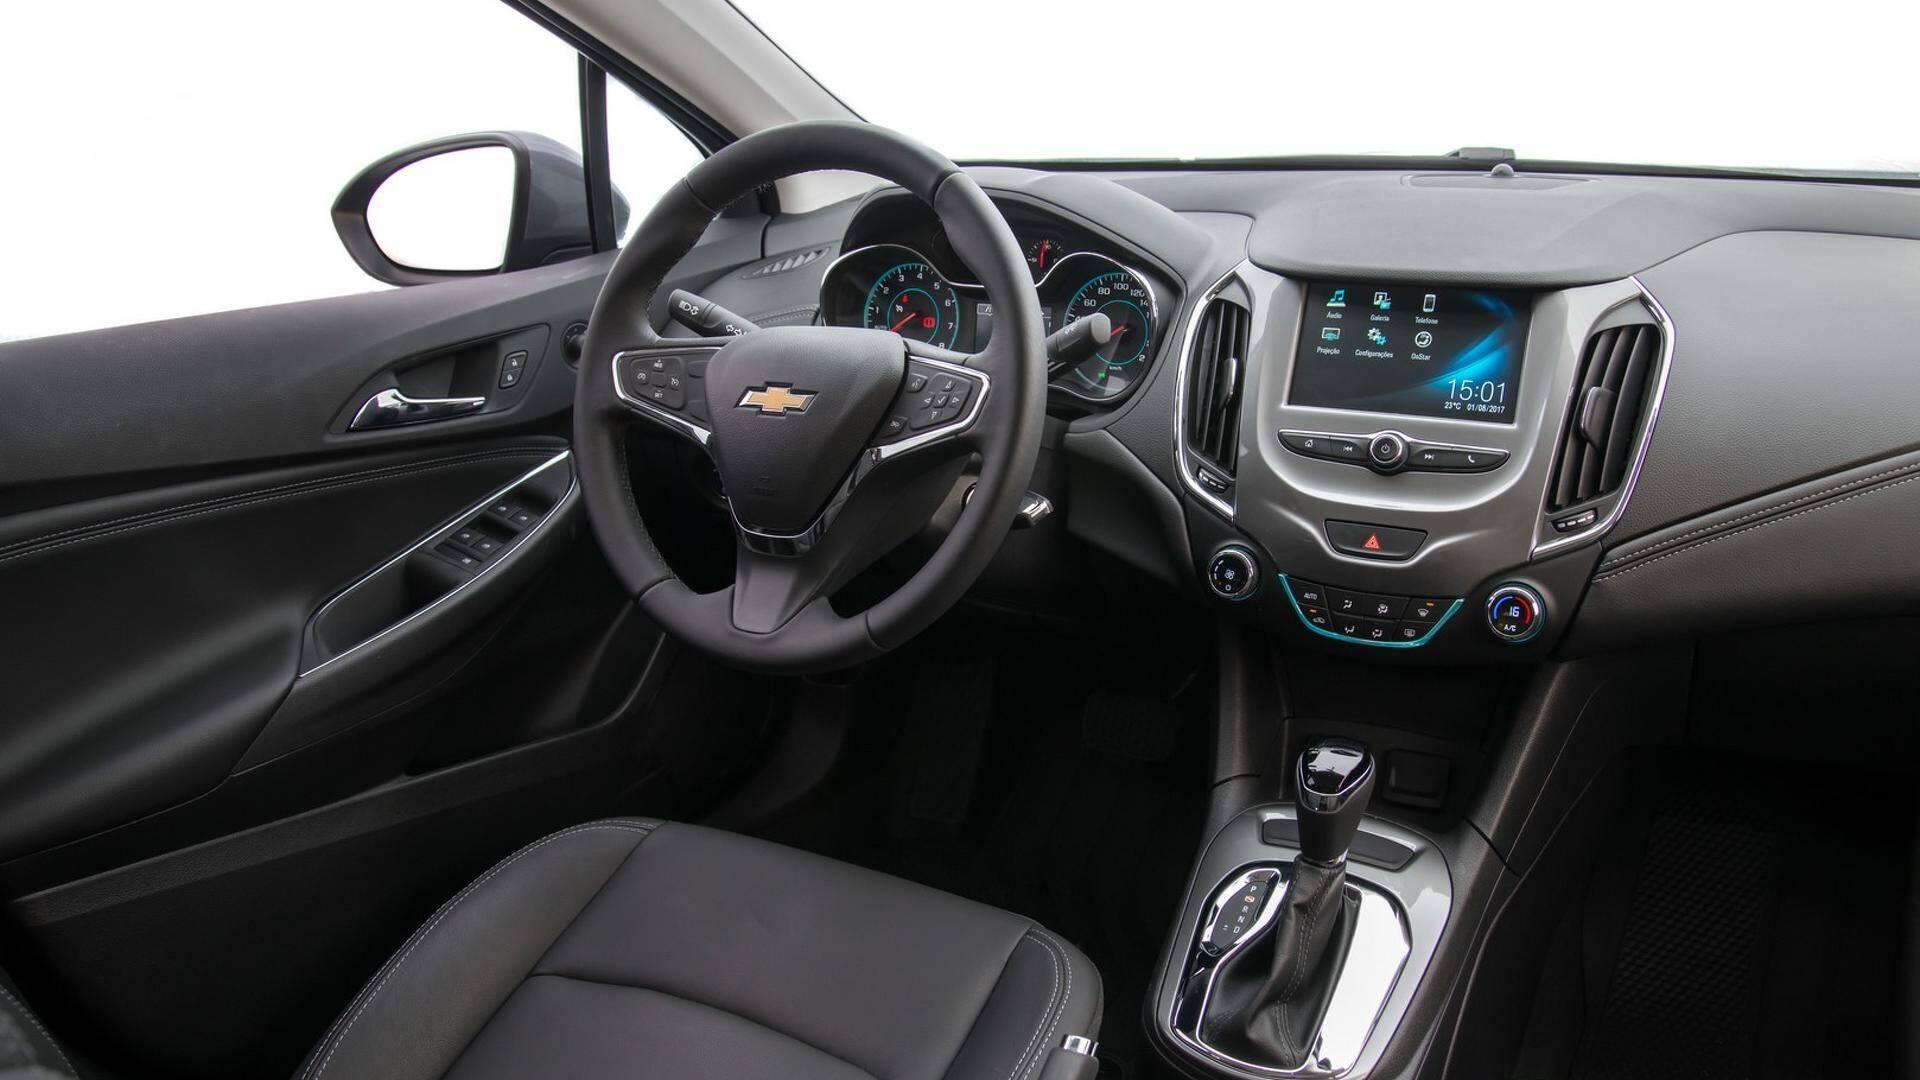 Chevrolet Cruze 2018. Foto: Divulgação